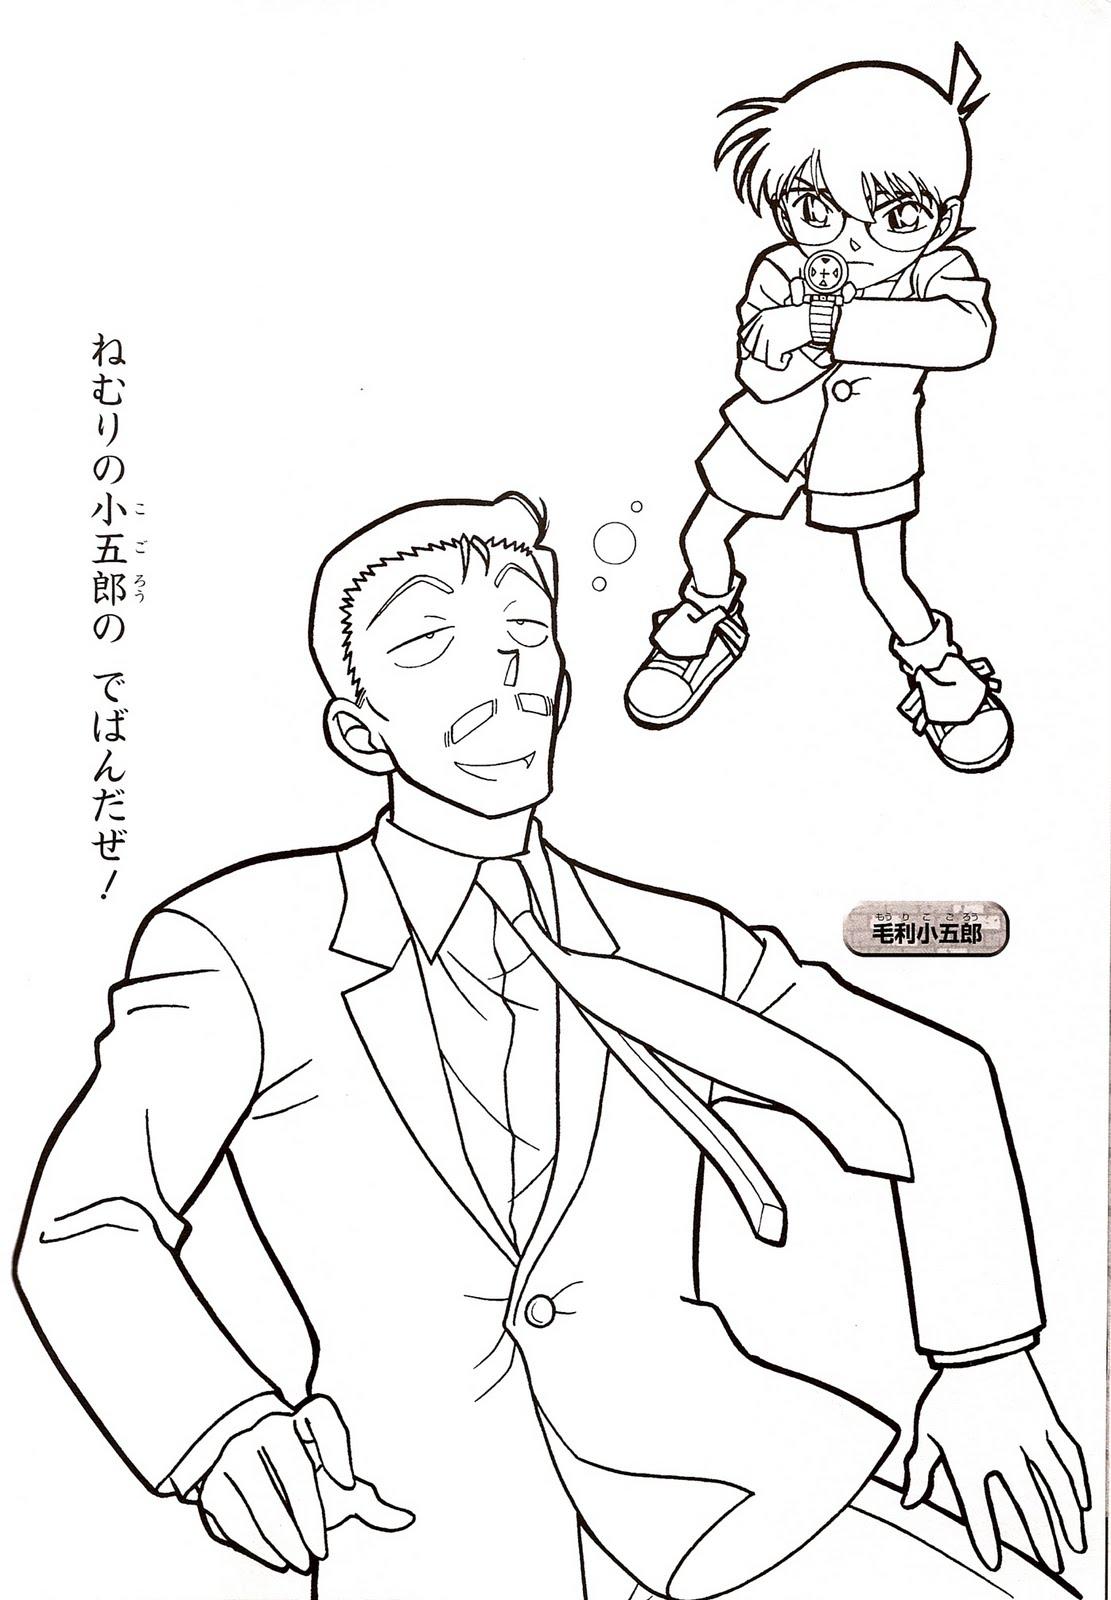 명탐정코난 작화감독 아오노 아츠시 버전 색칠공부 모음 : 네이버 블로그